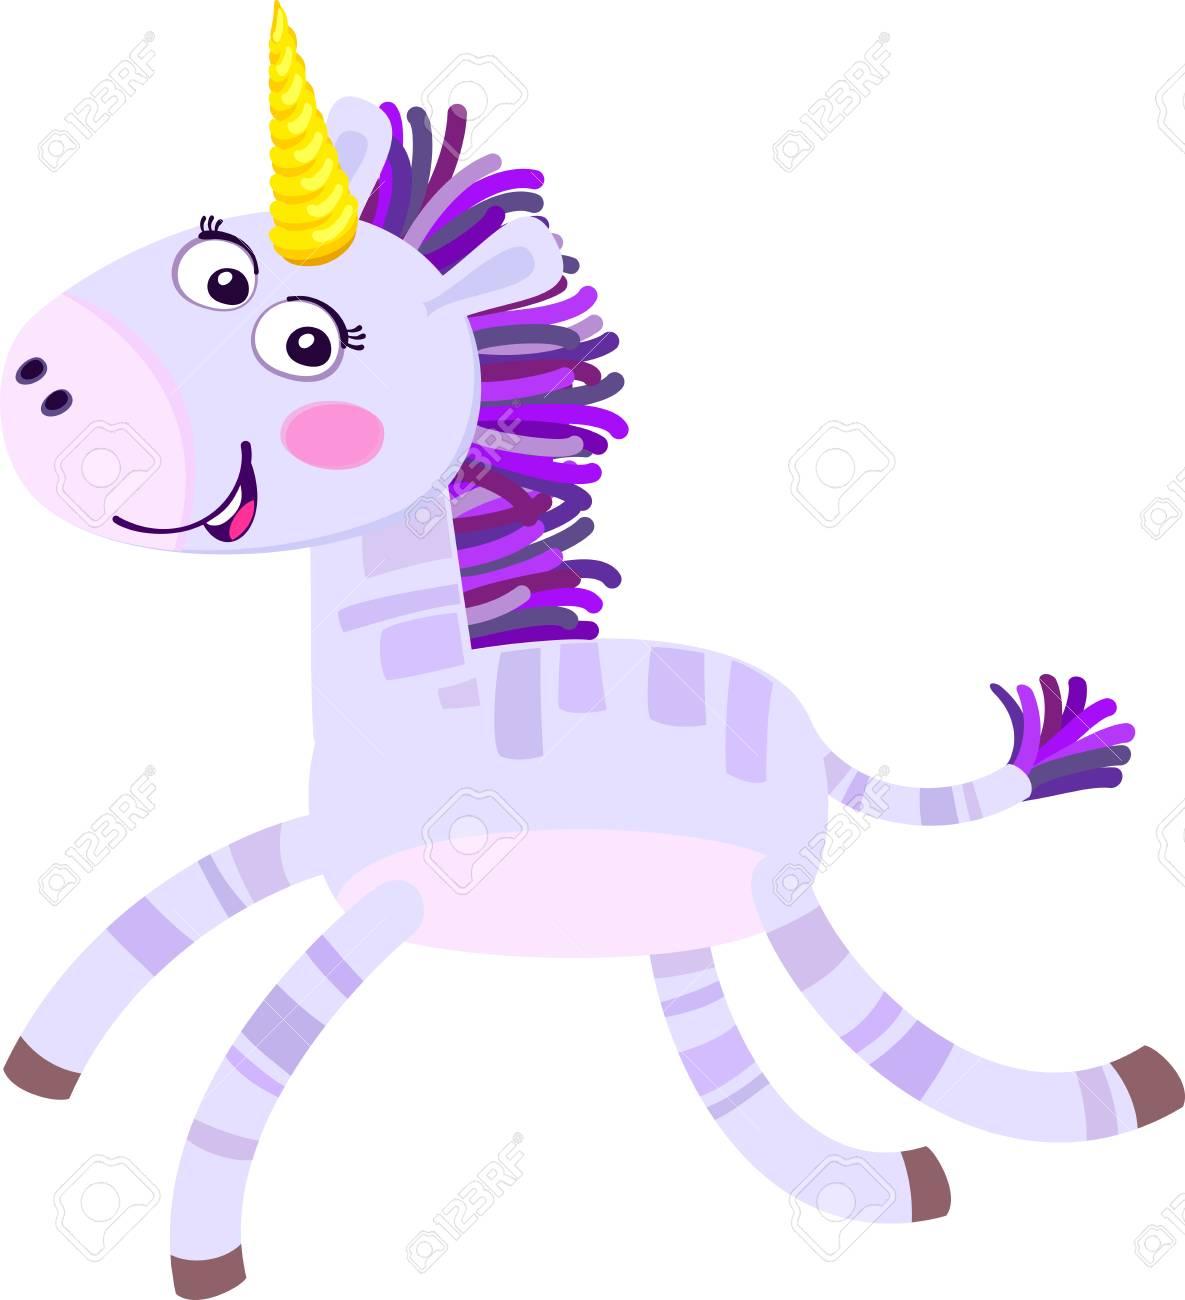 Cute cartoon unicorn on Flat vector illustration isolated on light background. - 100074171